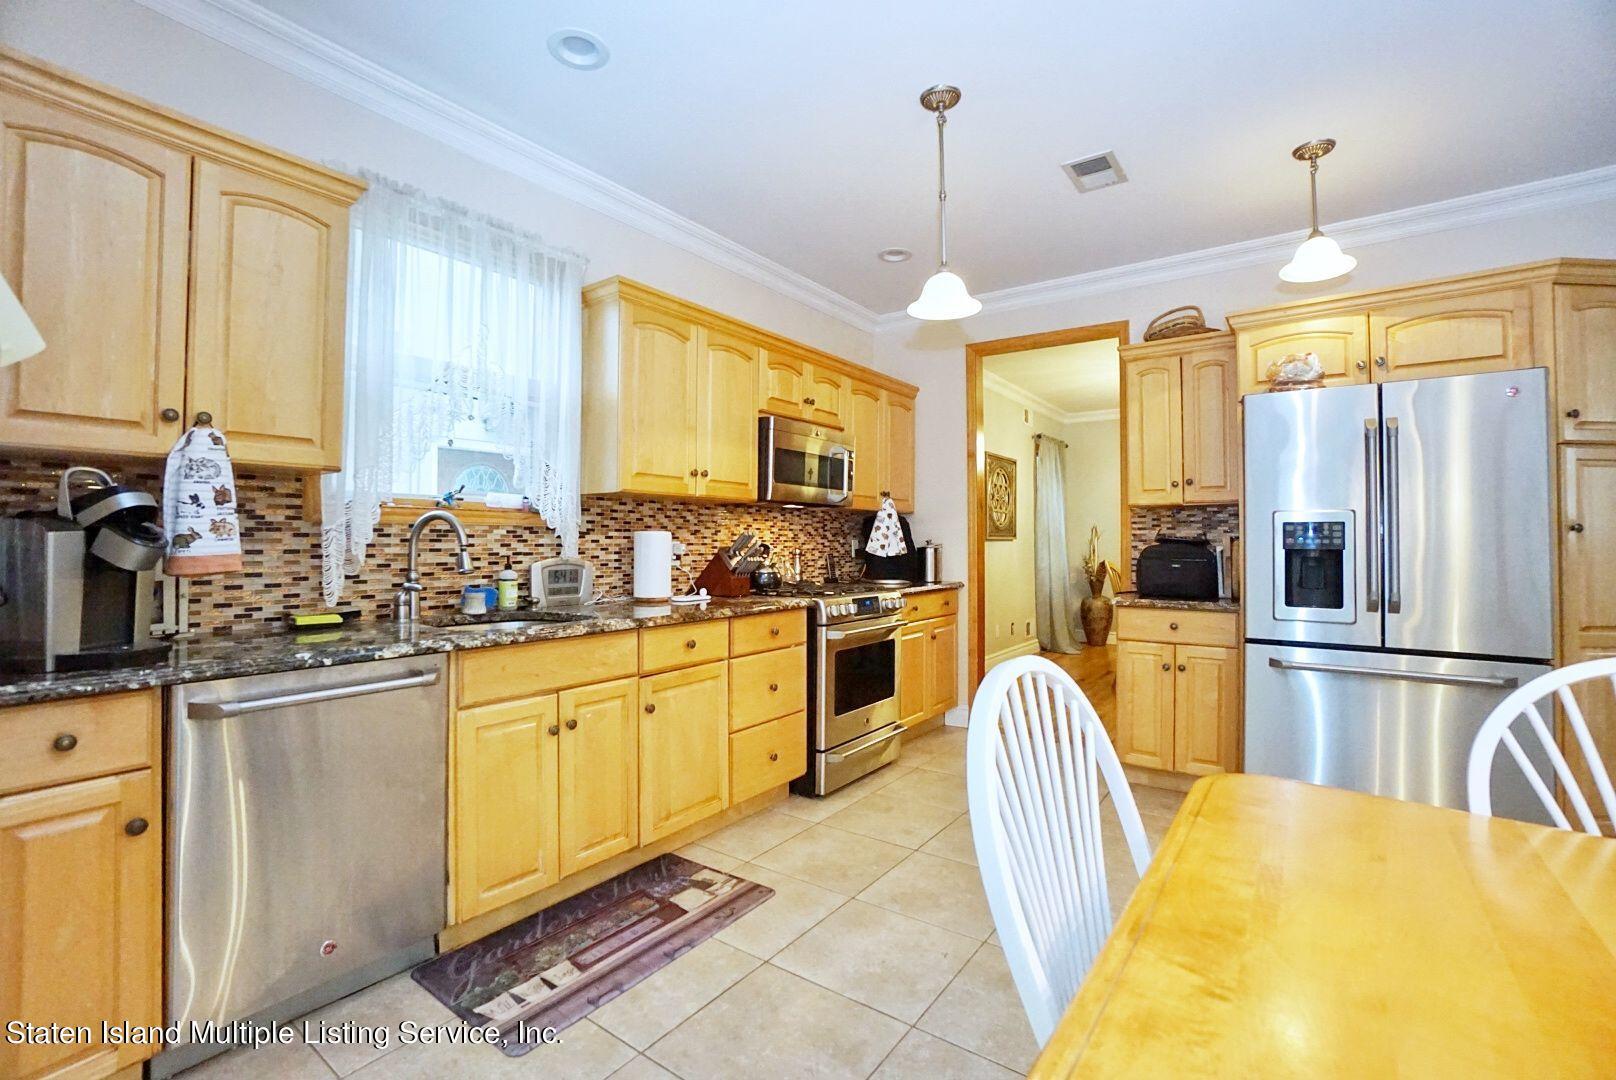 Single Family - Detached 311 Sharrott Avenue  Staten Island, NY 10309, MLS-1146042-20